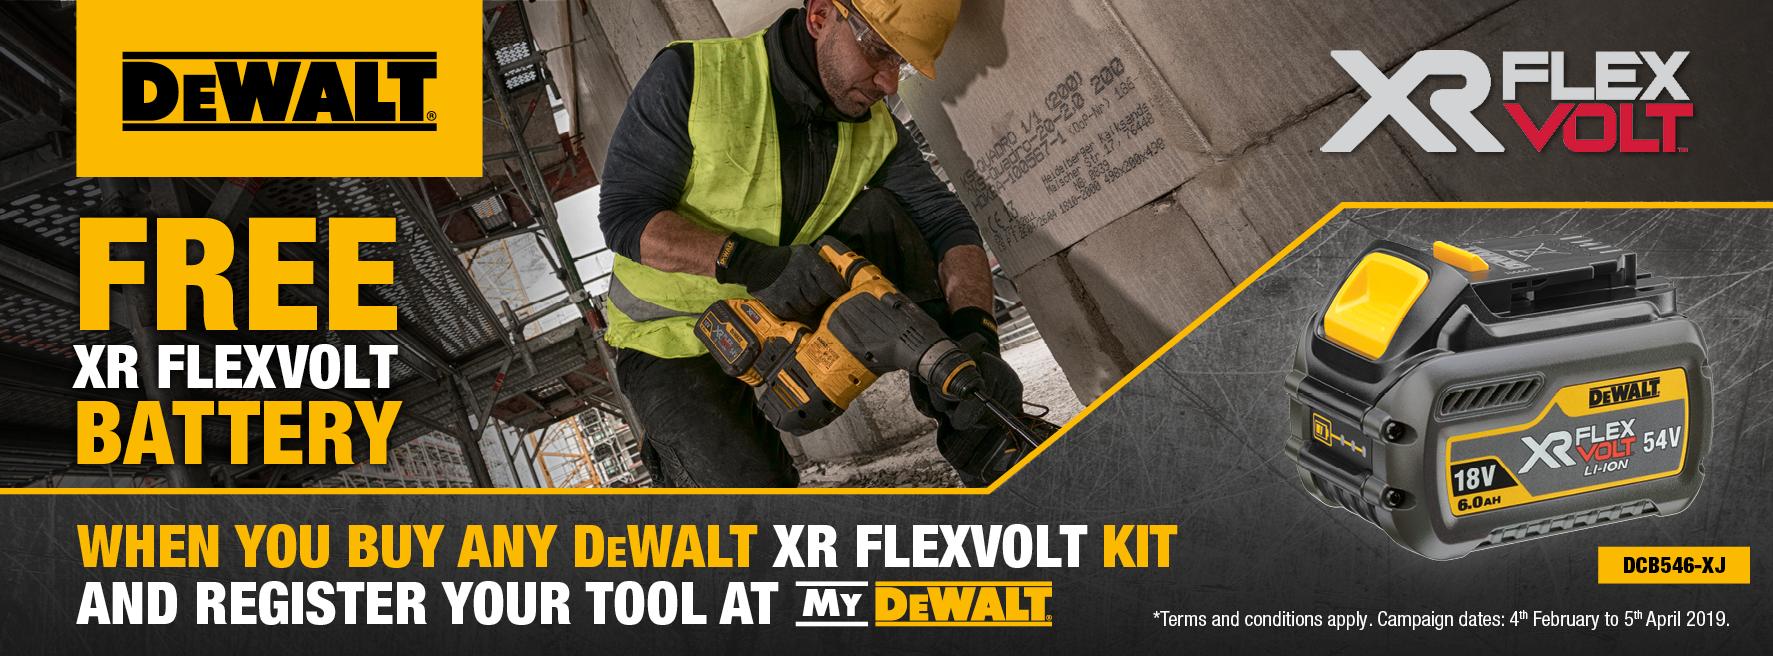 dewalt offer, free tools, battery, promotion, dewalt